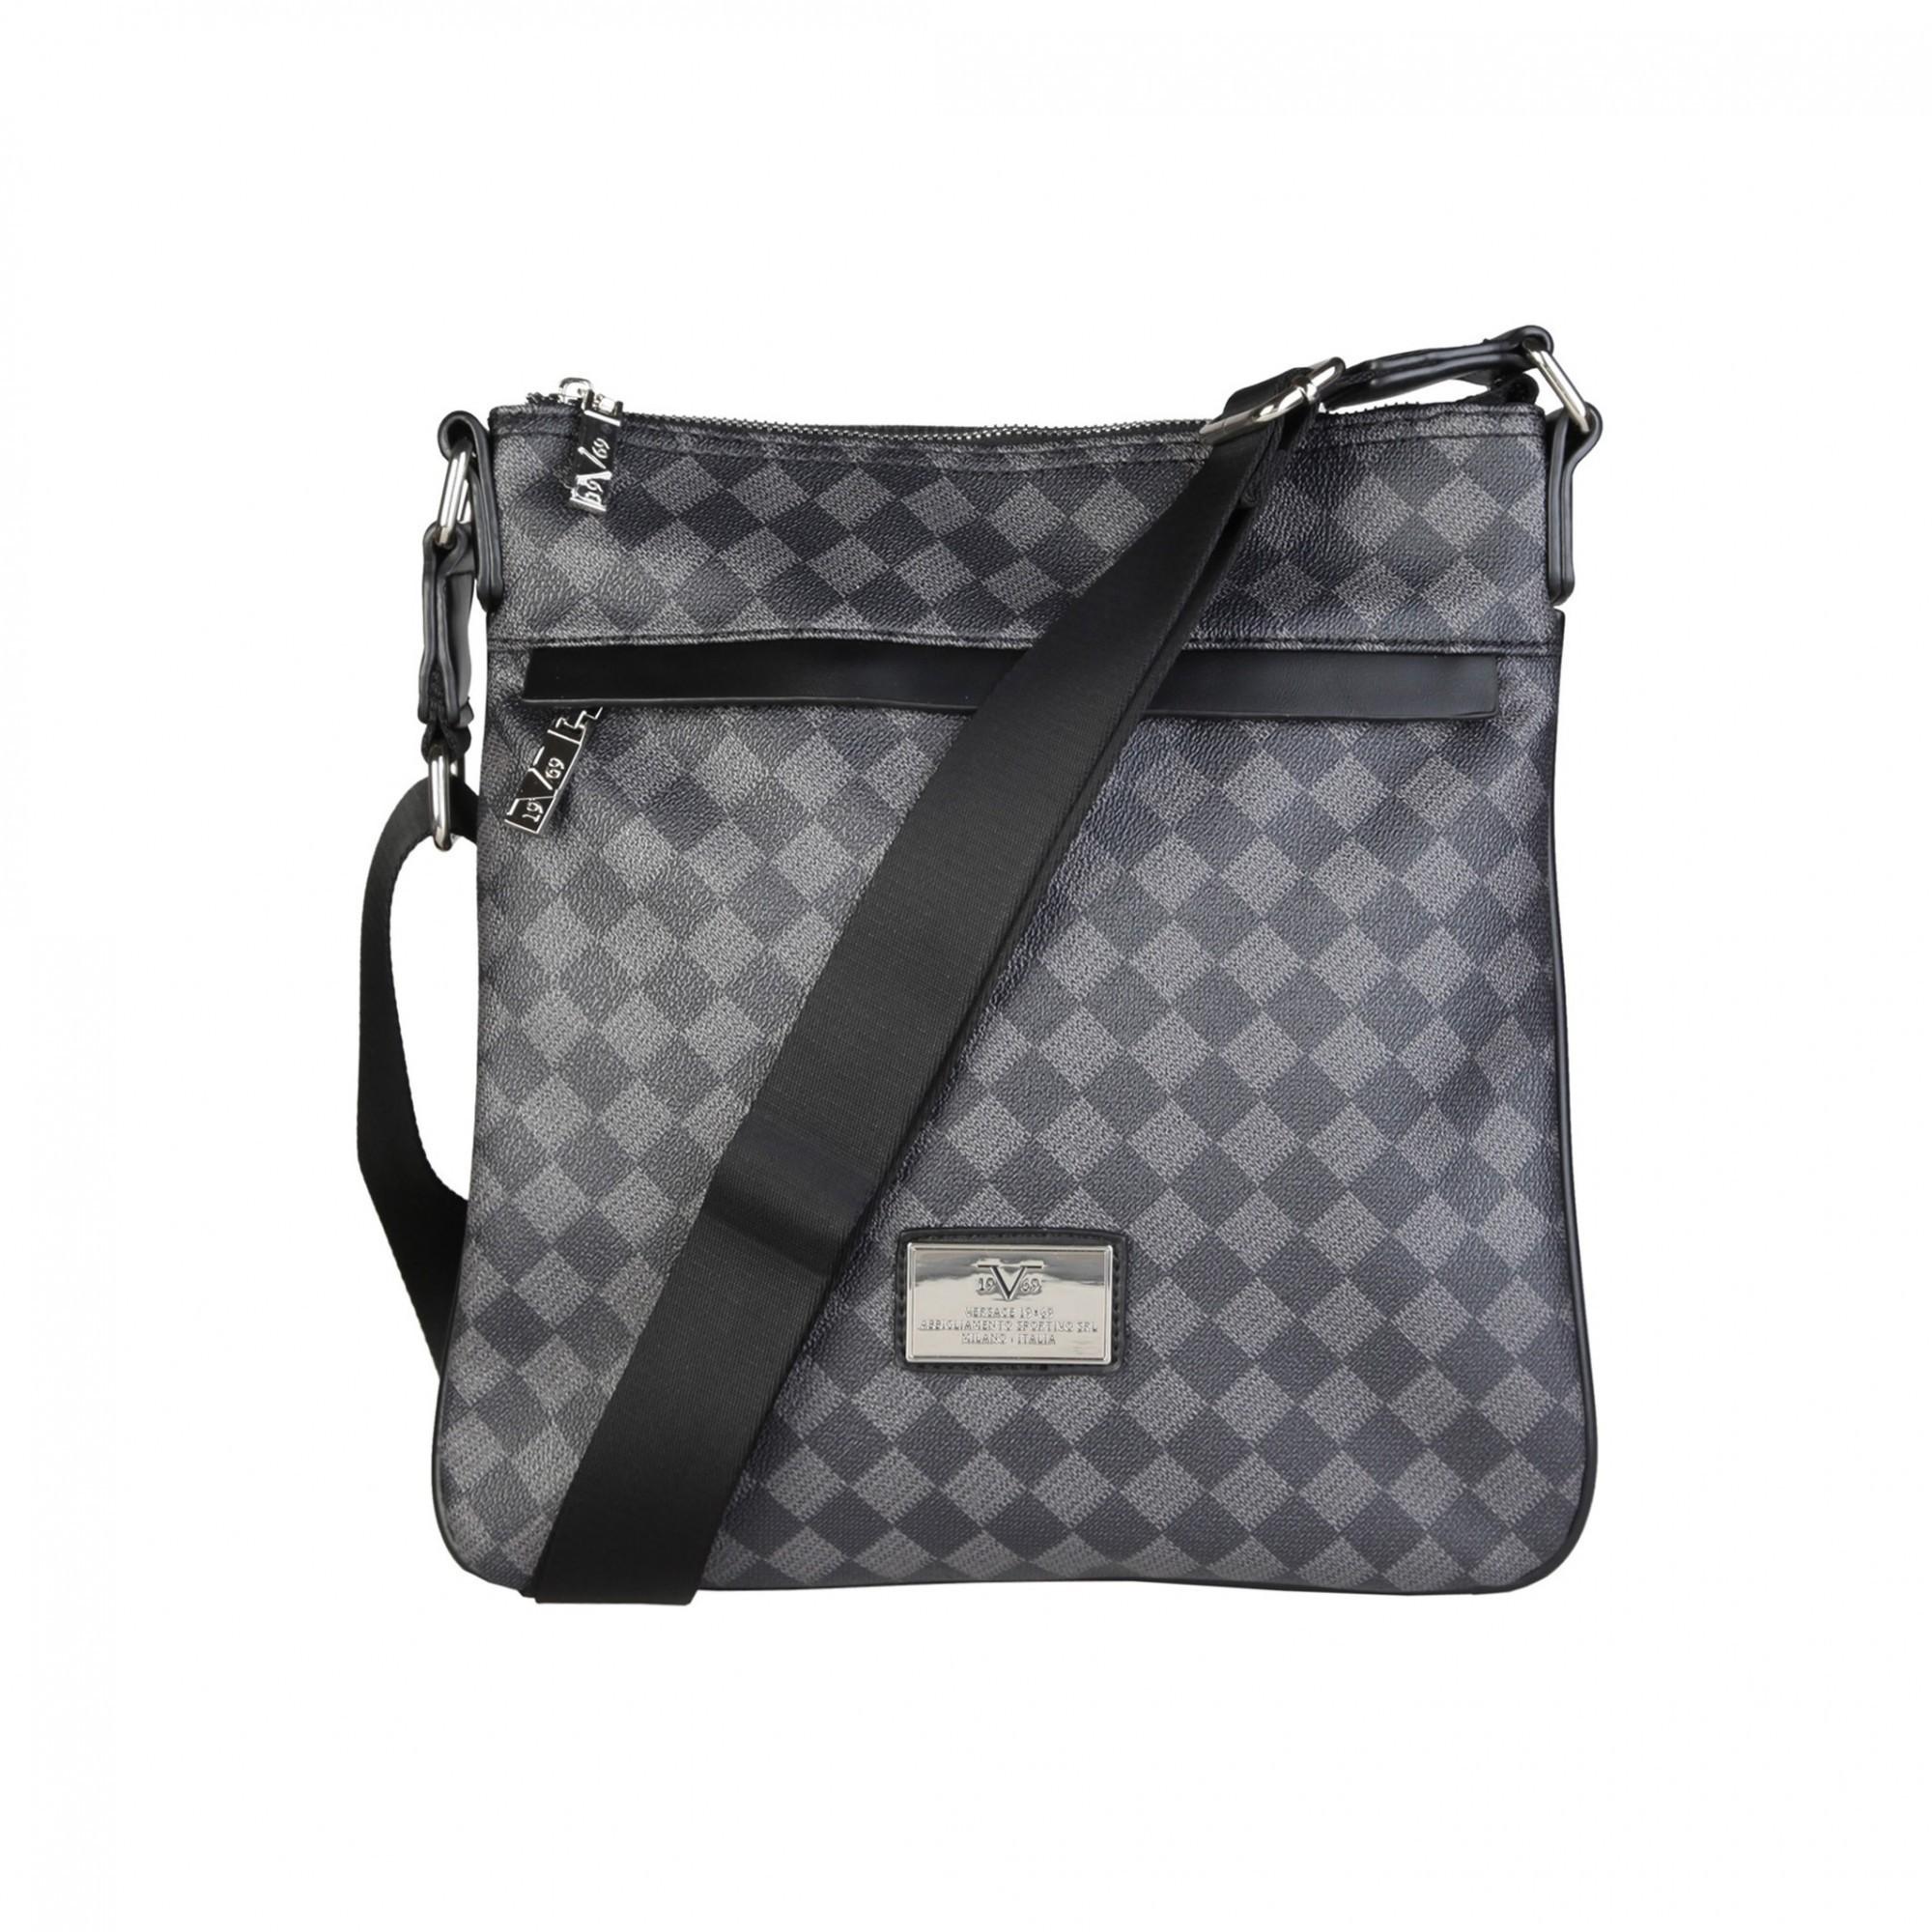 Мужская сумка-планшет Versace V1969 NEWCROSS SQUARE-NERO-GRIGIO ... 0e46a72f217b0